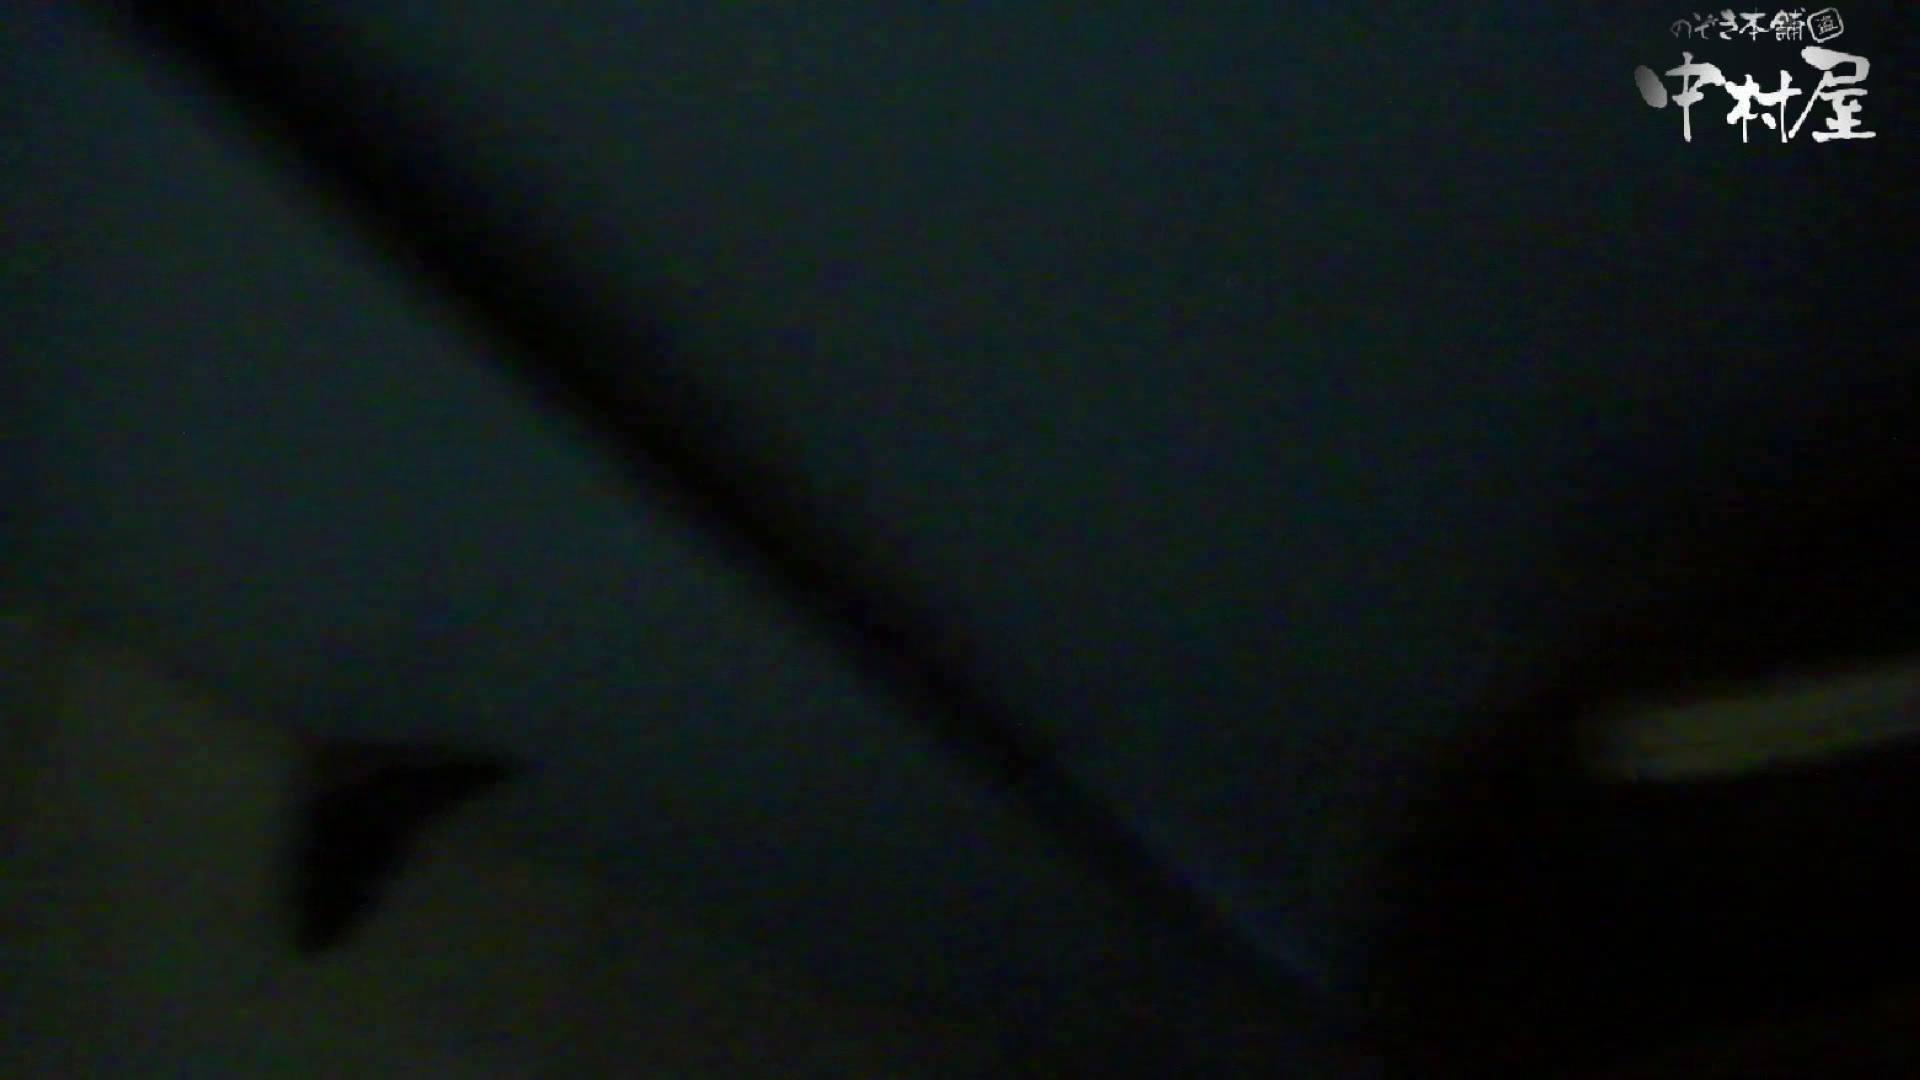 【美人が集まるファッションショッピングセンター洗面所盗SATU】ギャルのツルピカ潜入盗satu!Vol.10 OLセックス 覗き性交動画流出 103画像 7